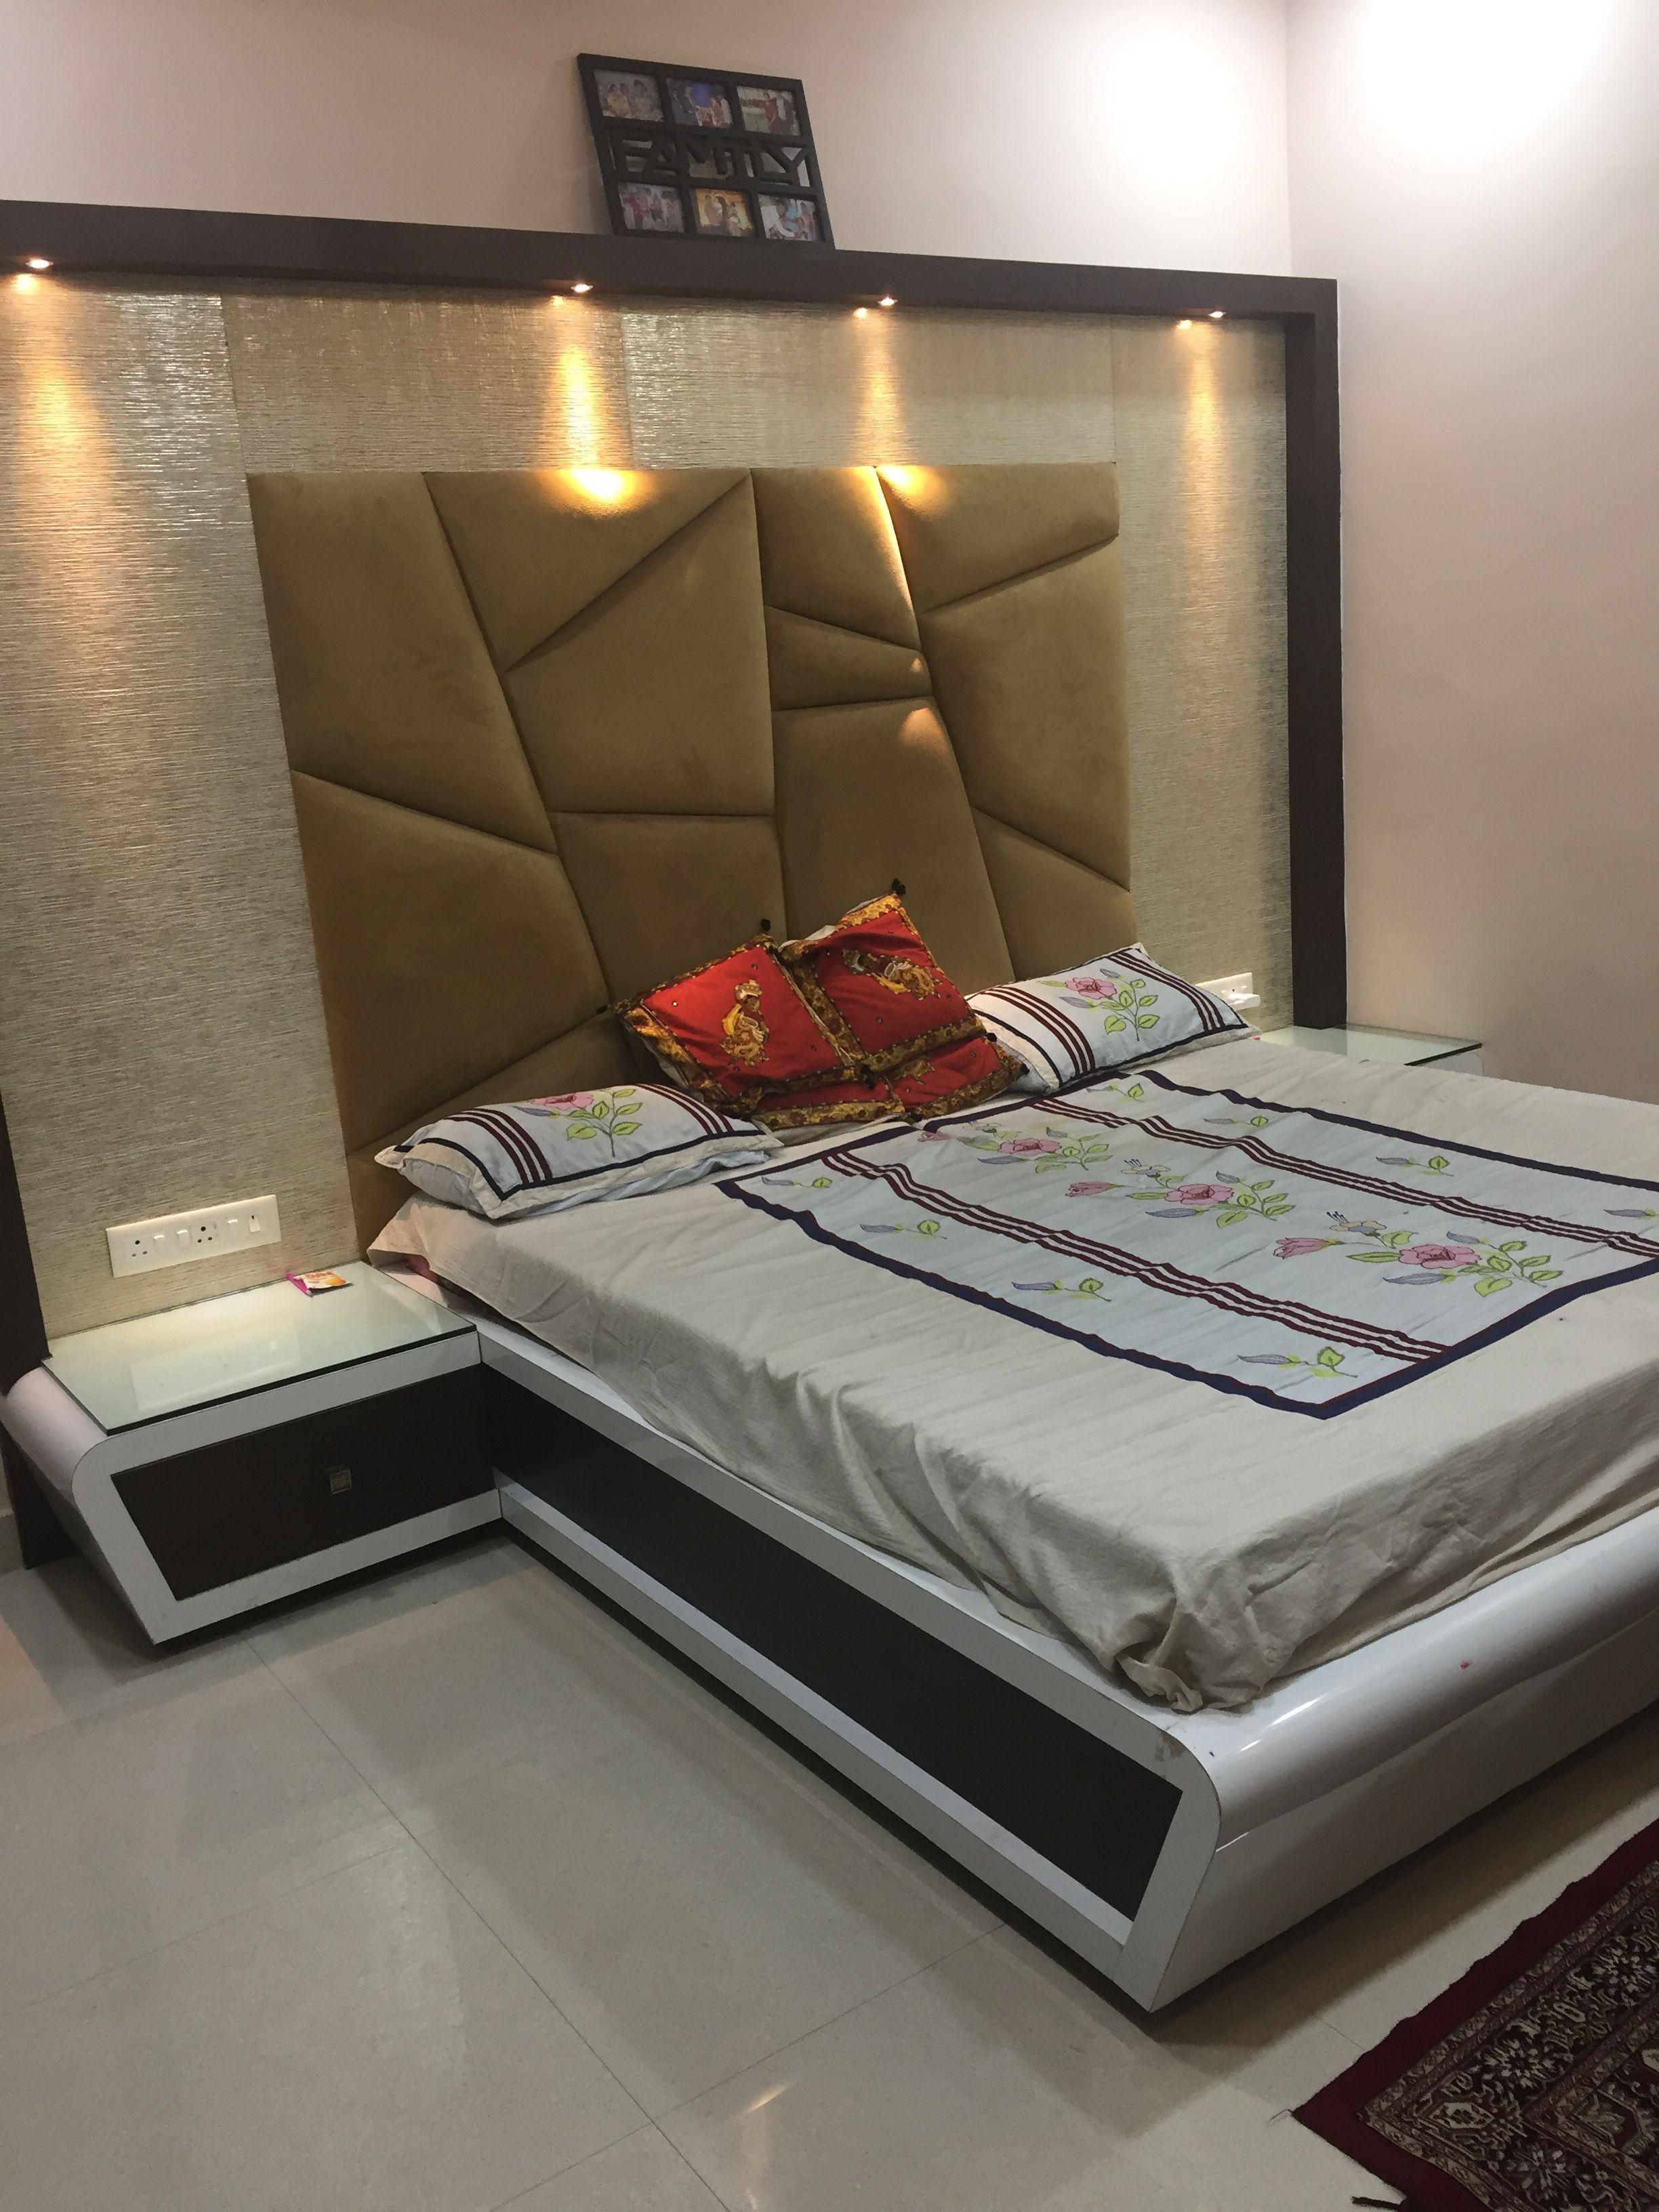 bedroom design   Fur   Pinterest   Schönes leben, Bett und Schlafzimmer